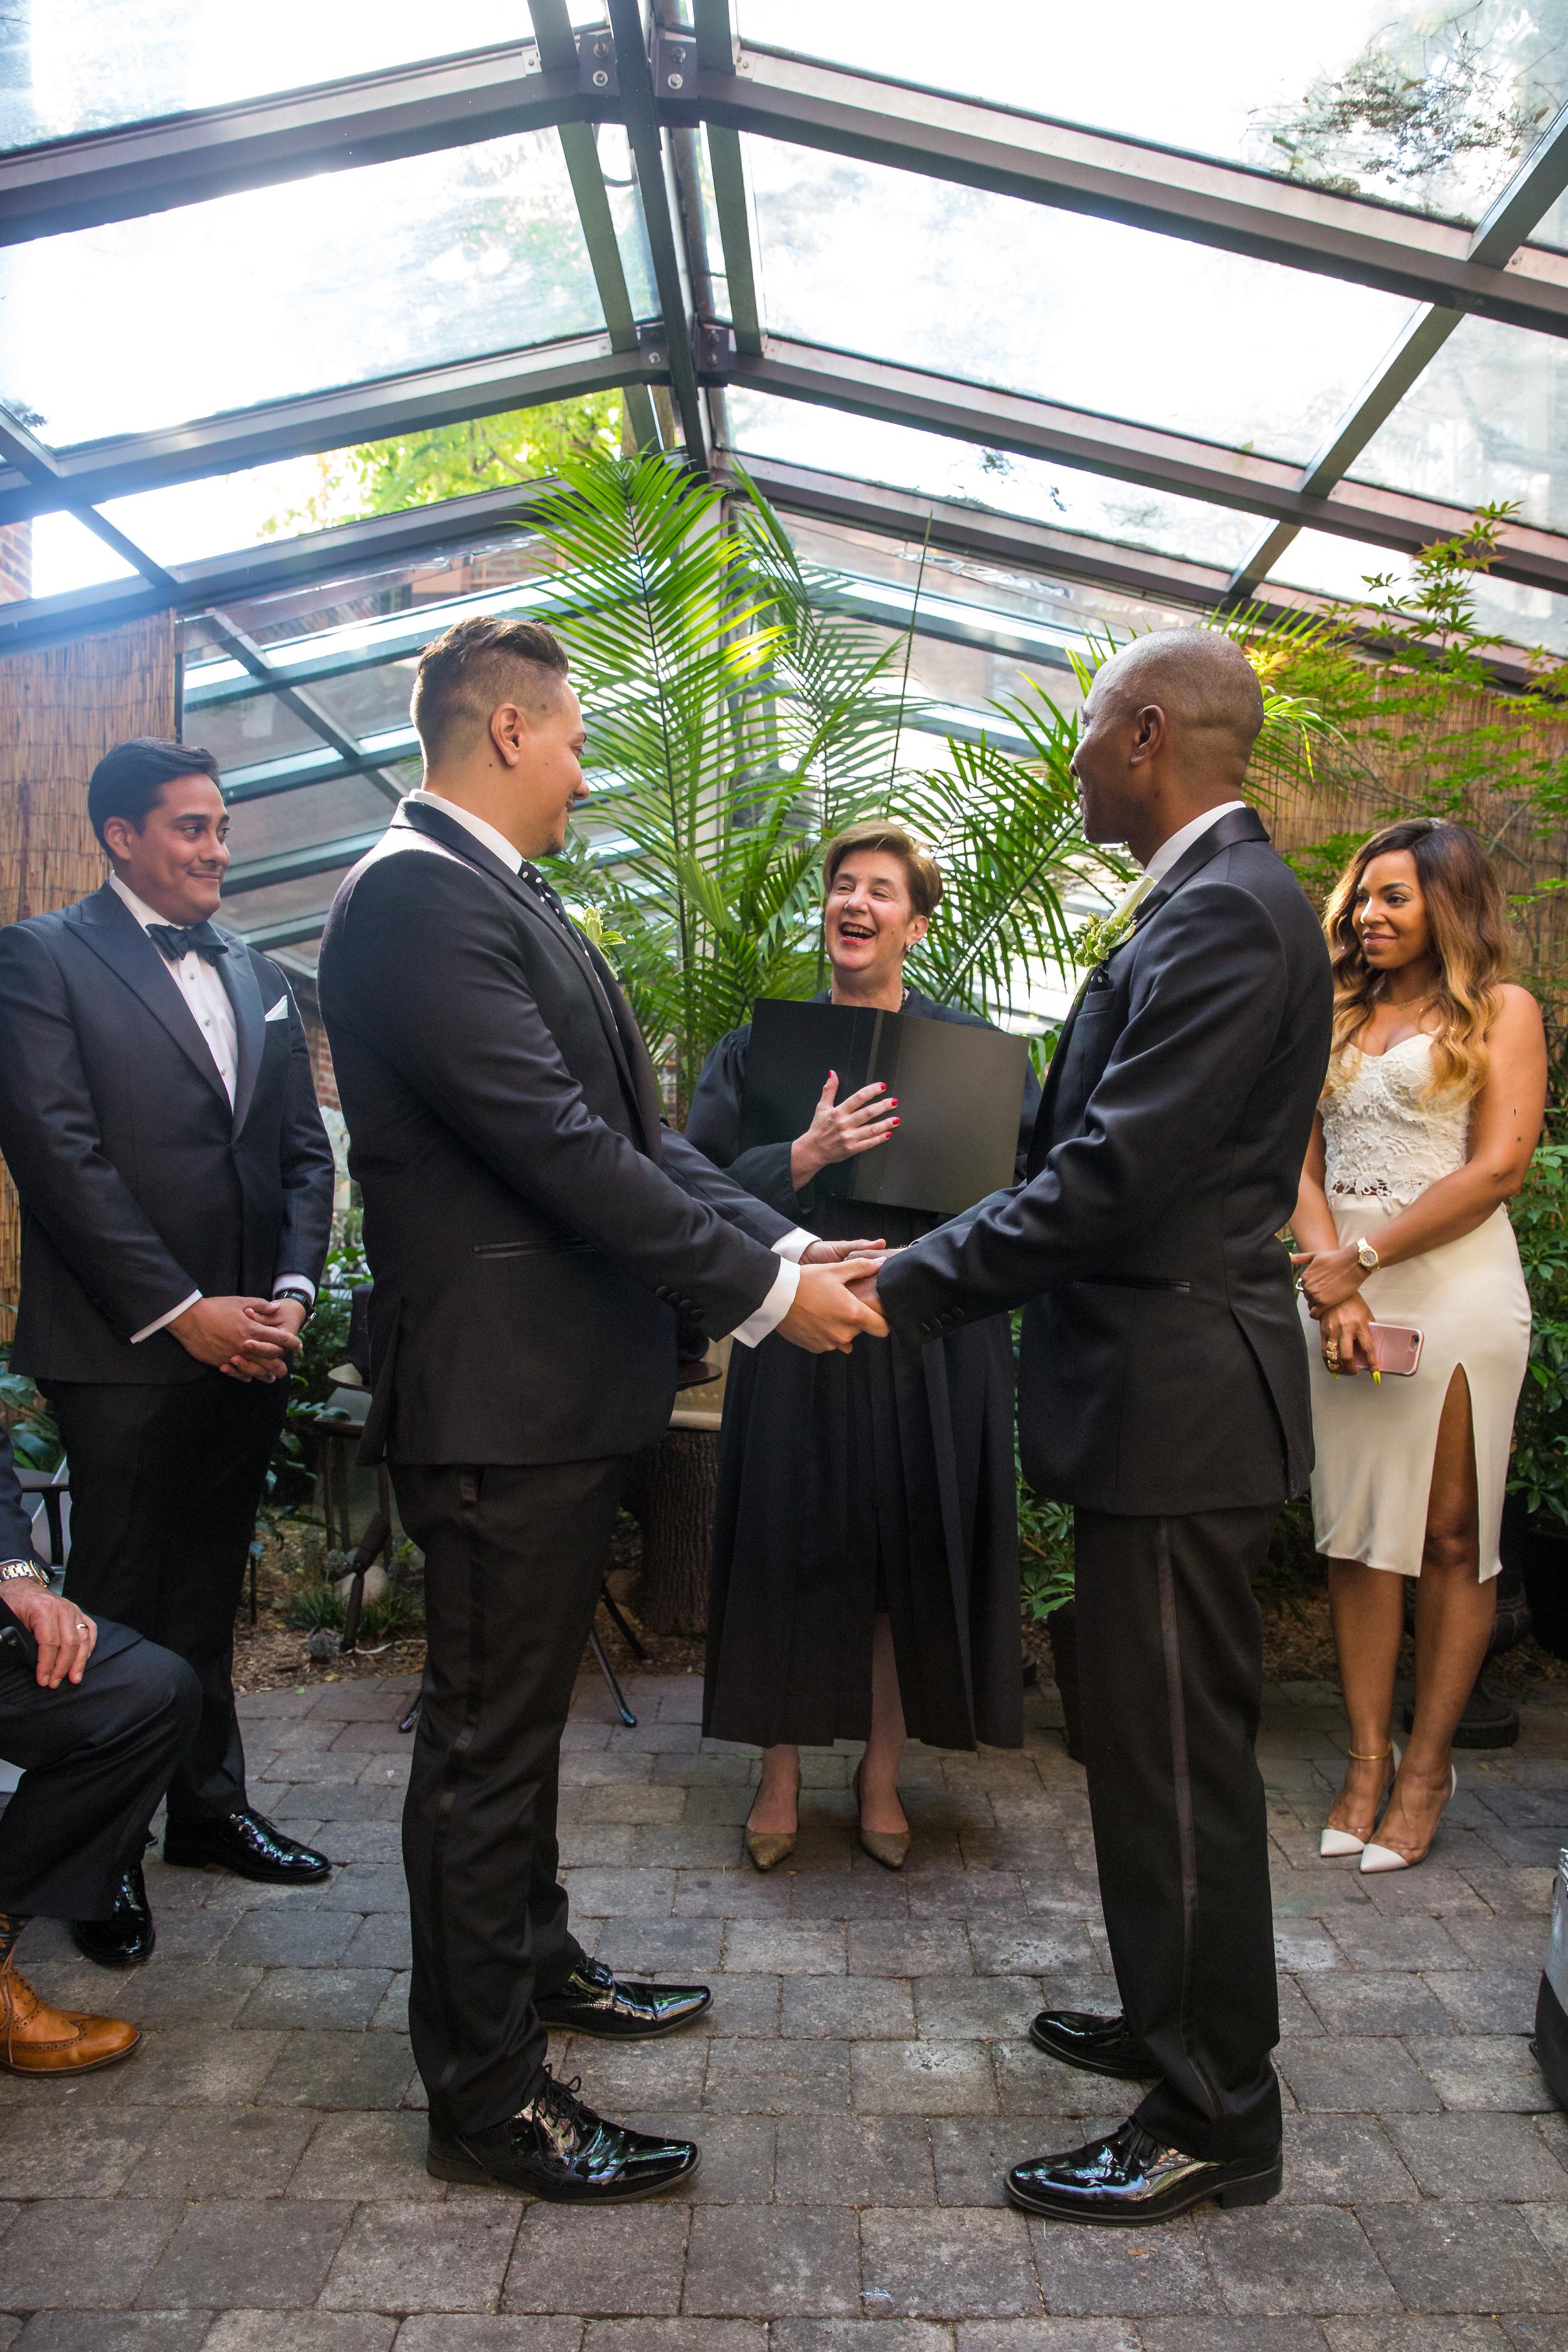 Conservatory-garden-wedding-2016-cheri-9.jpg